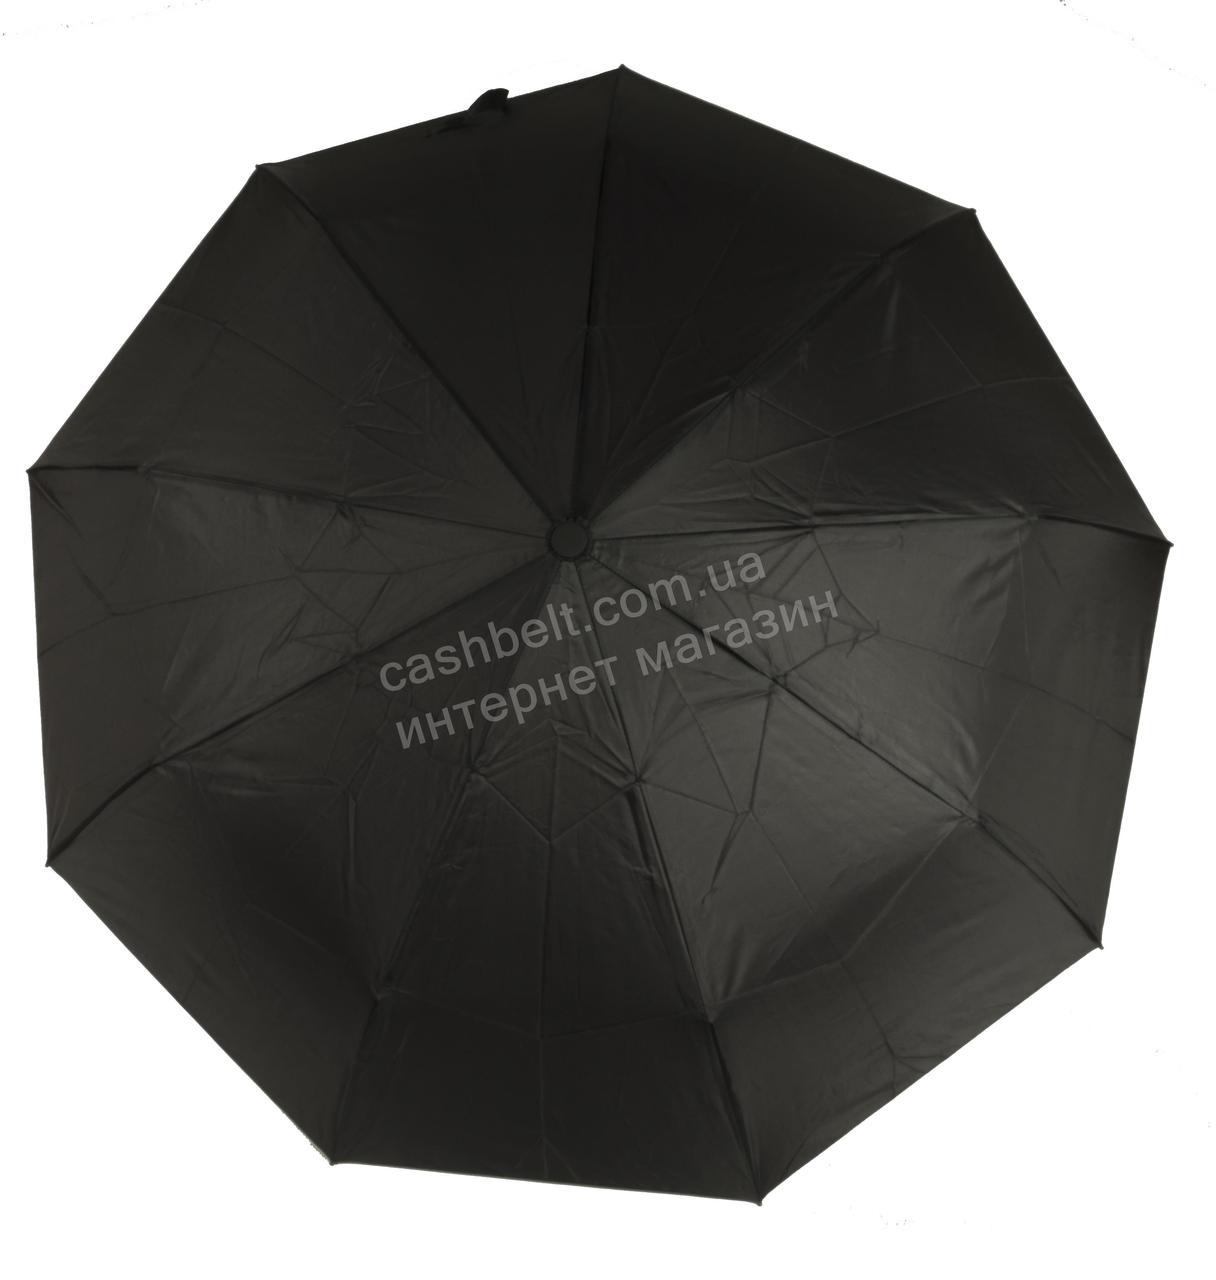 Мужской прочный зонт автомат классический черный цвет NOVEL Umbrella art. 1349 черный (101641)